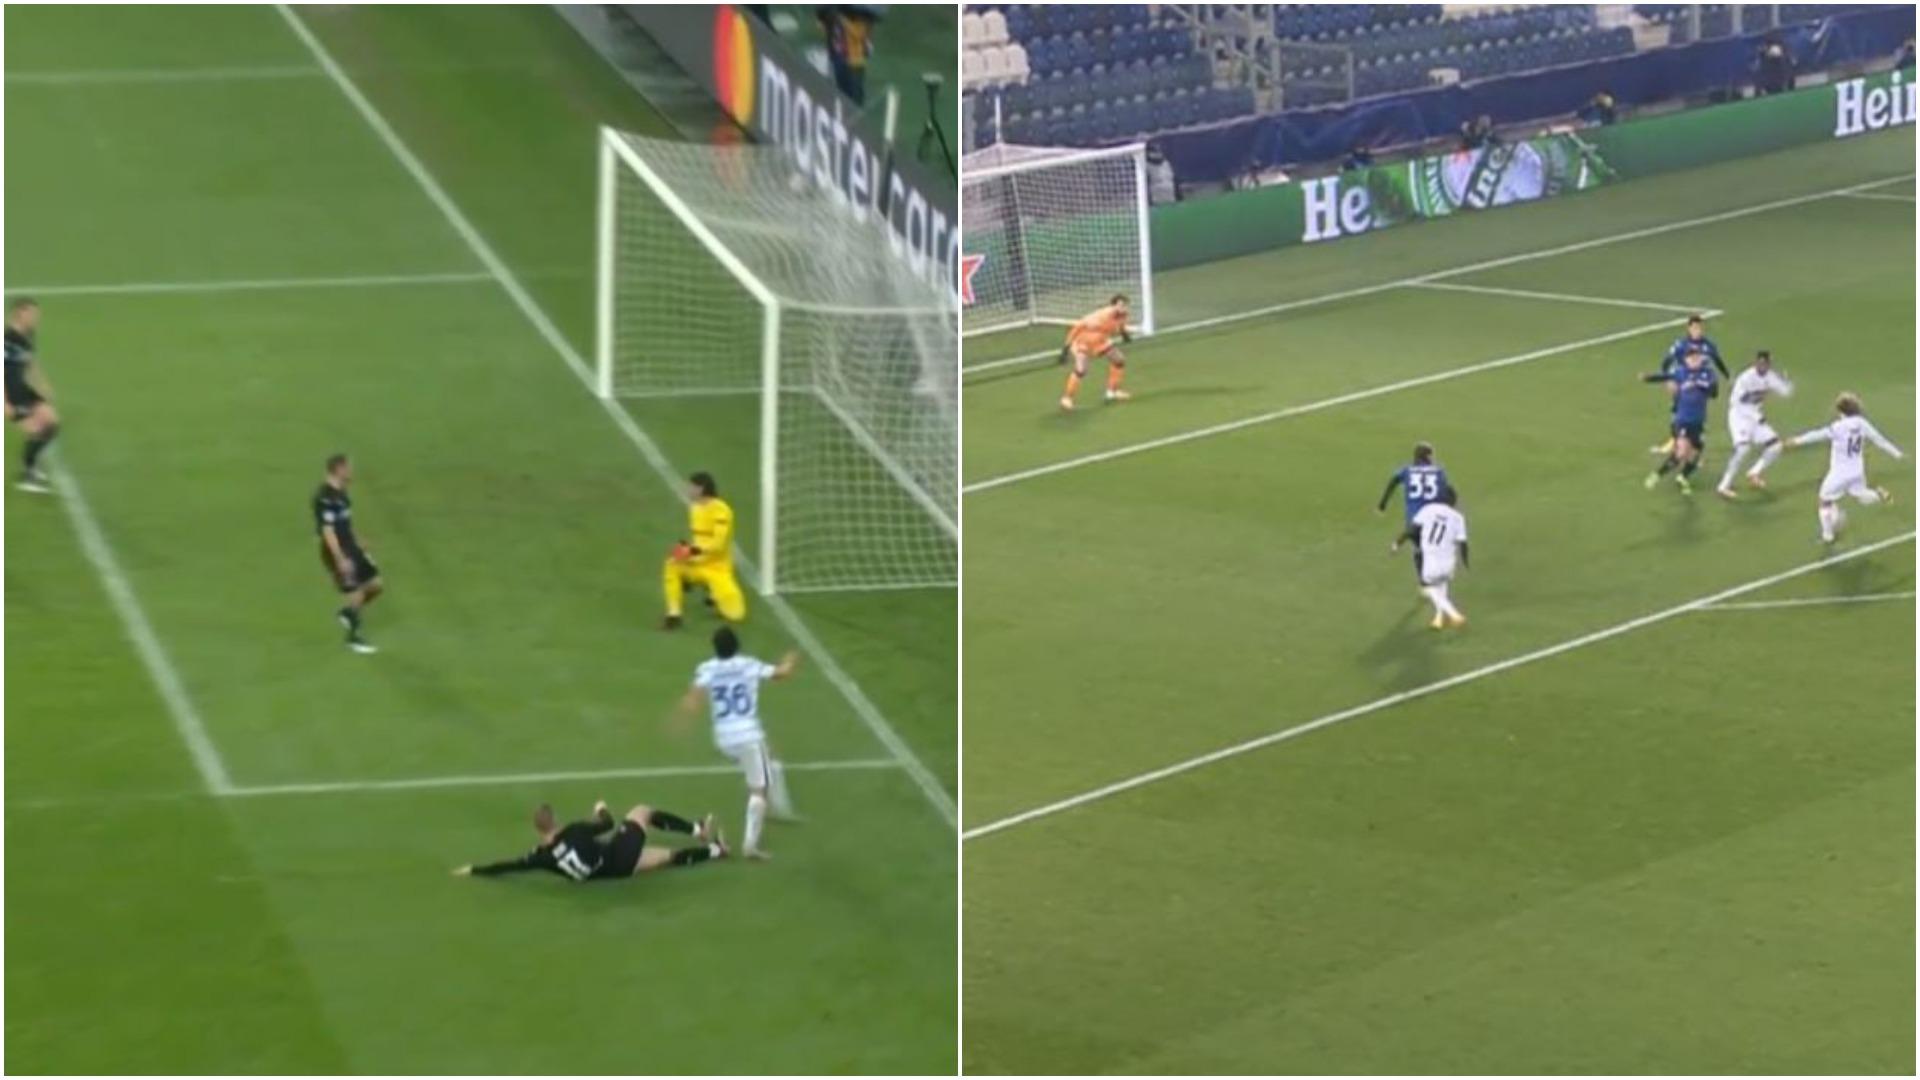 VIDEO/ Atalanta pëson supergol, Inter zhbllokohet me Darmian